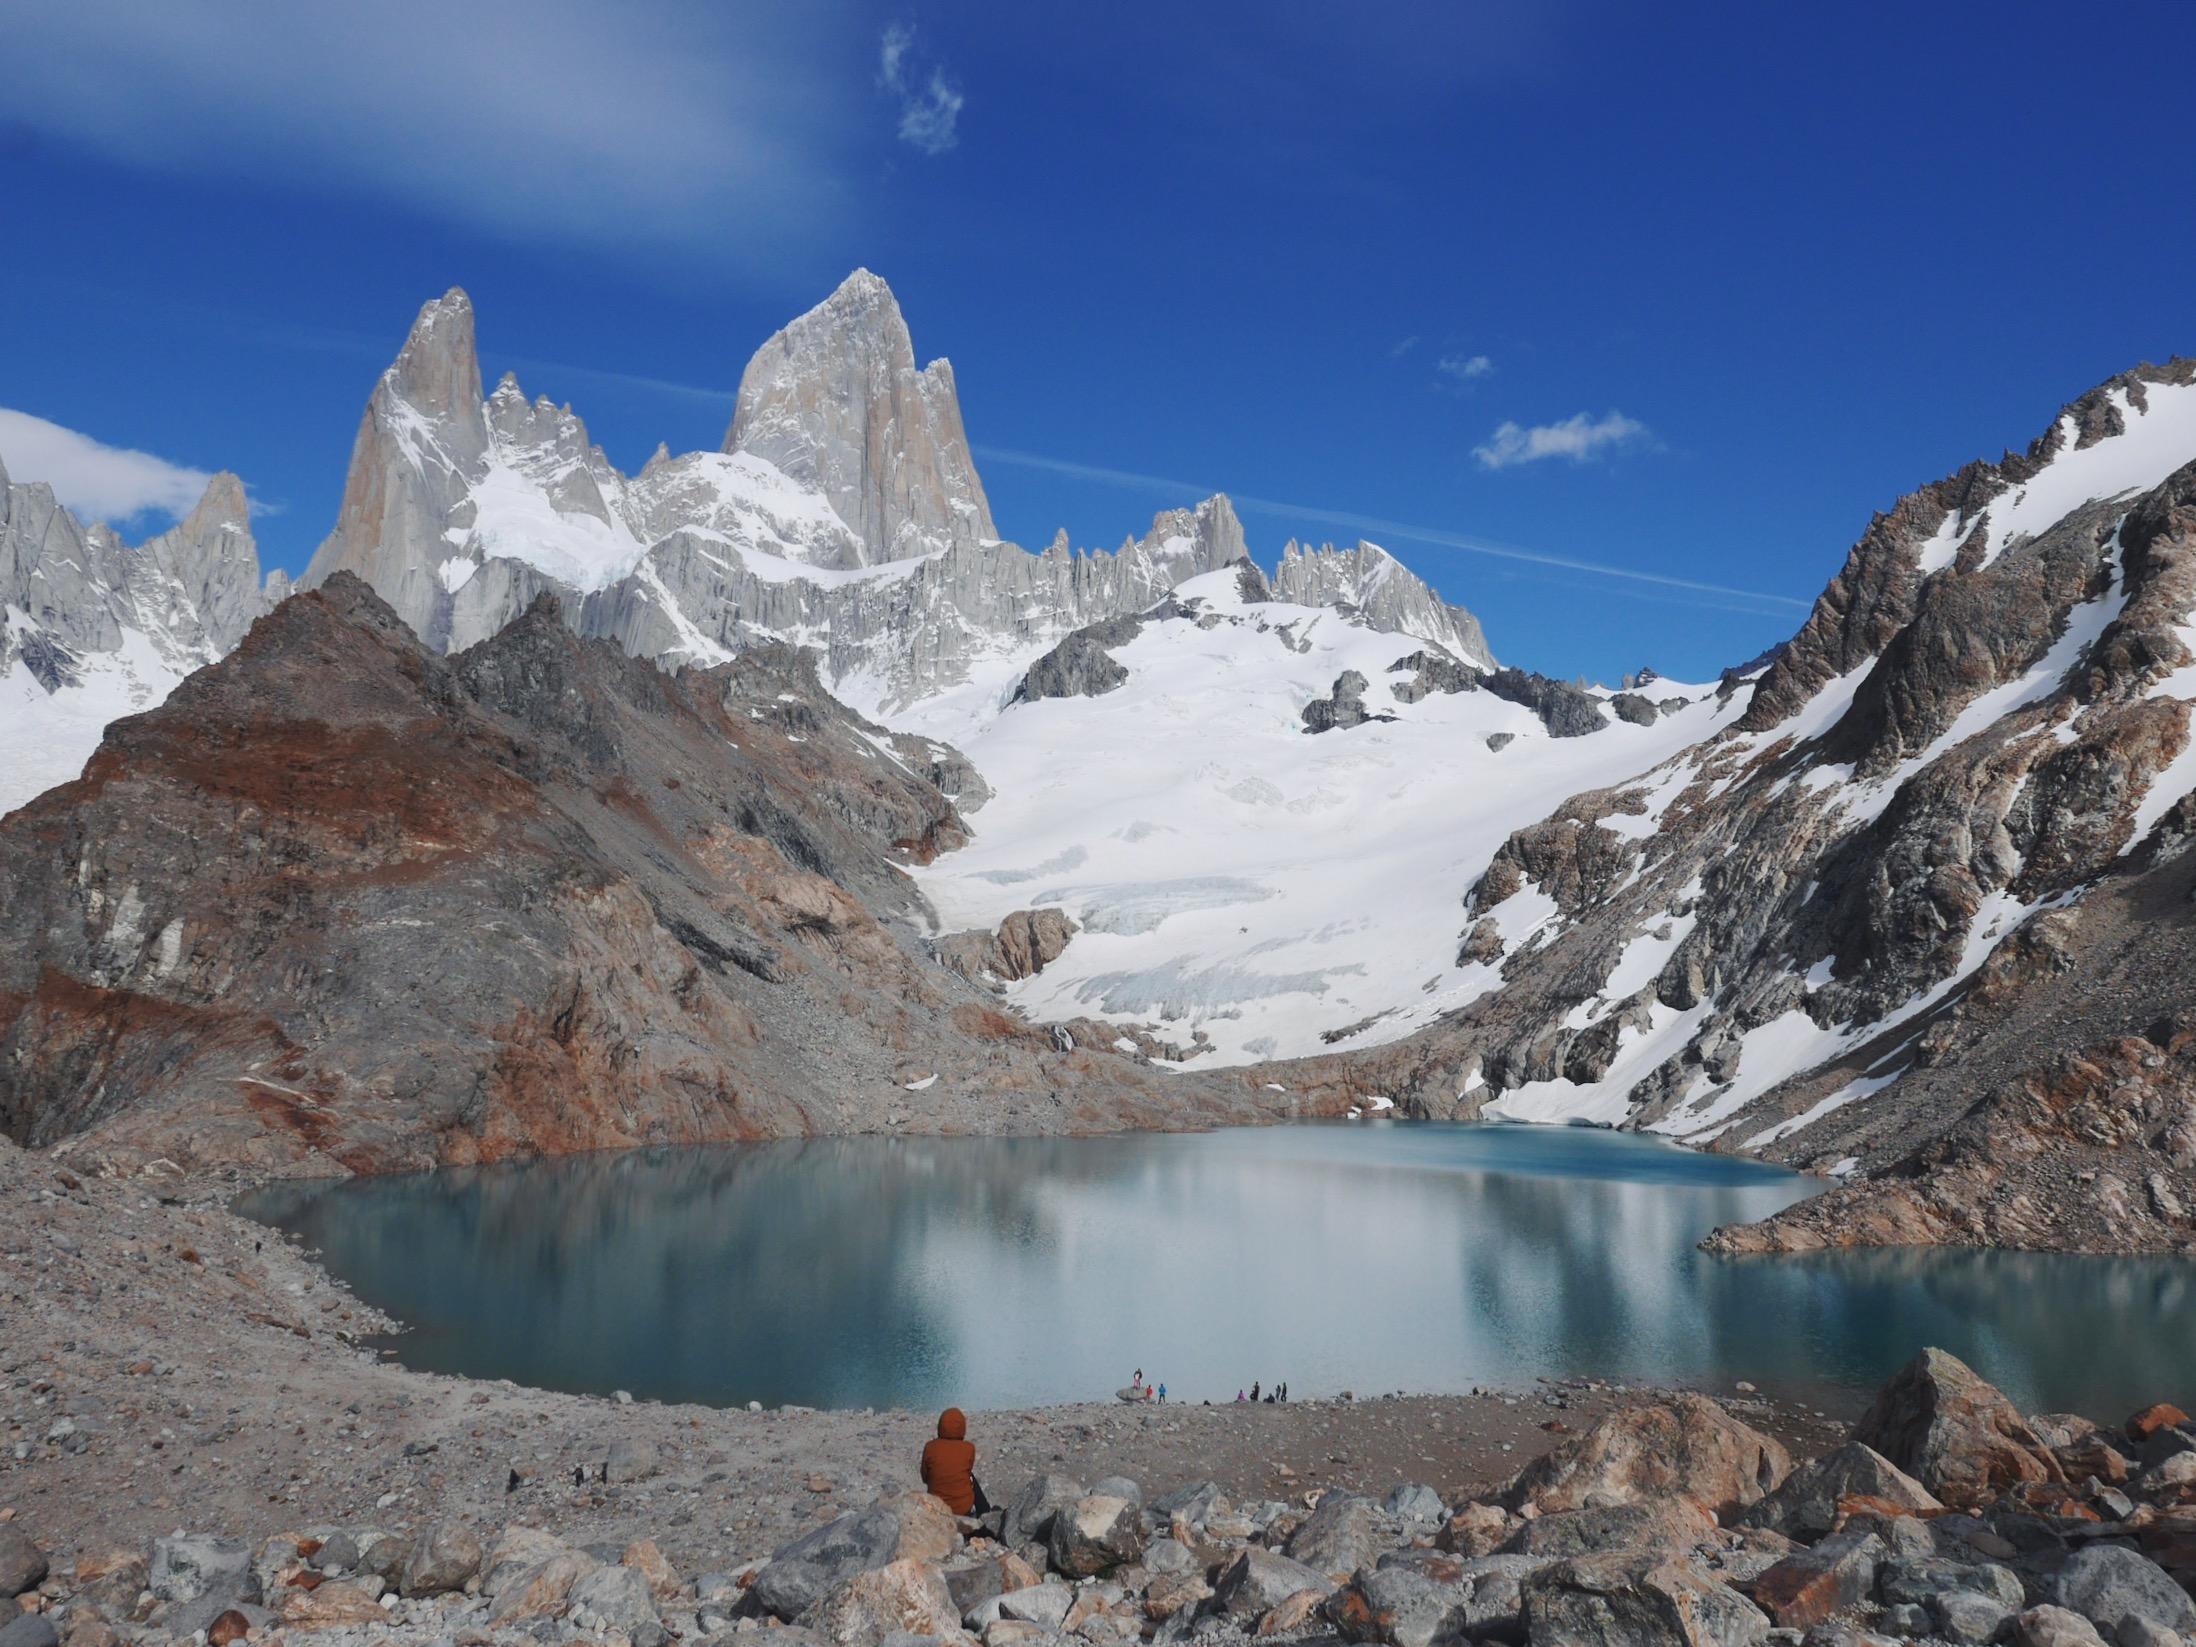 Laguna de Los Tres, Los Glaciares National Park.